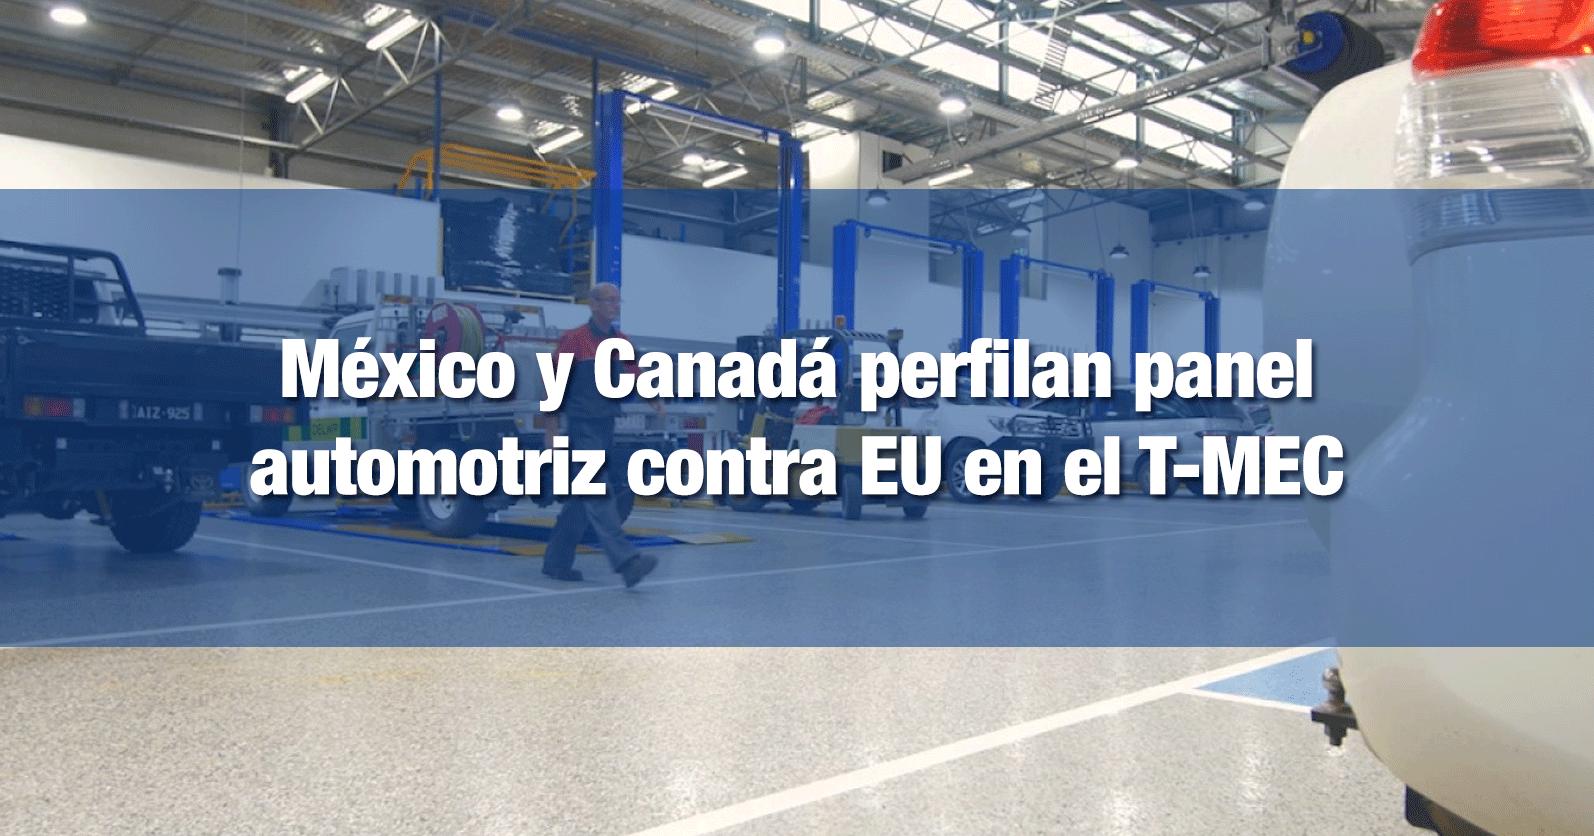 México y Canadá perfilan panel automotriz contra EU en el T-MEC